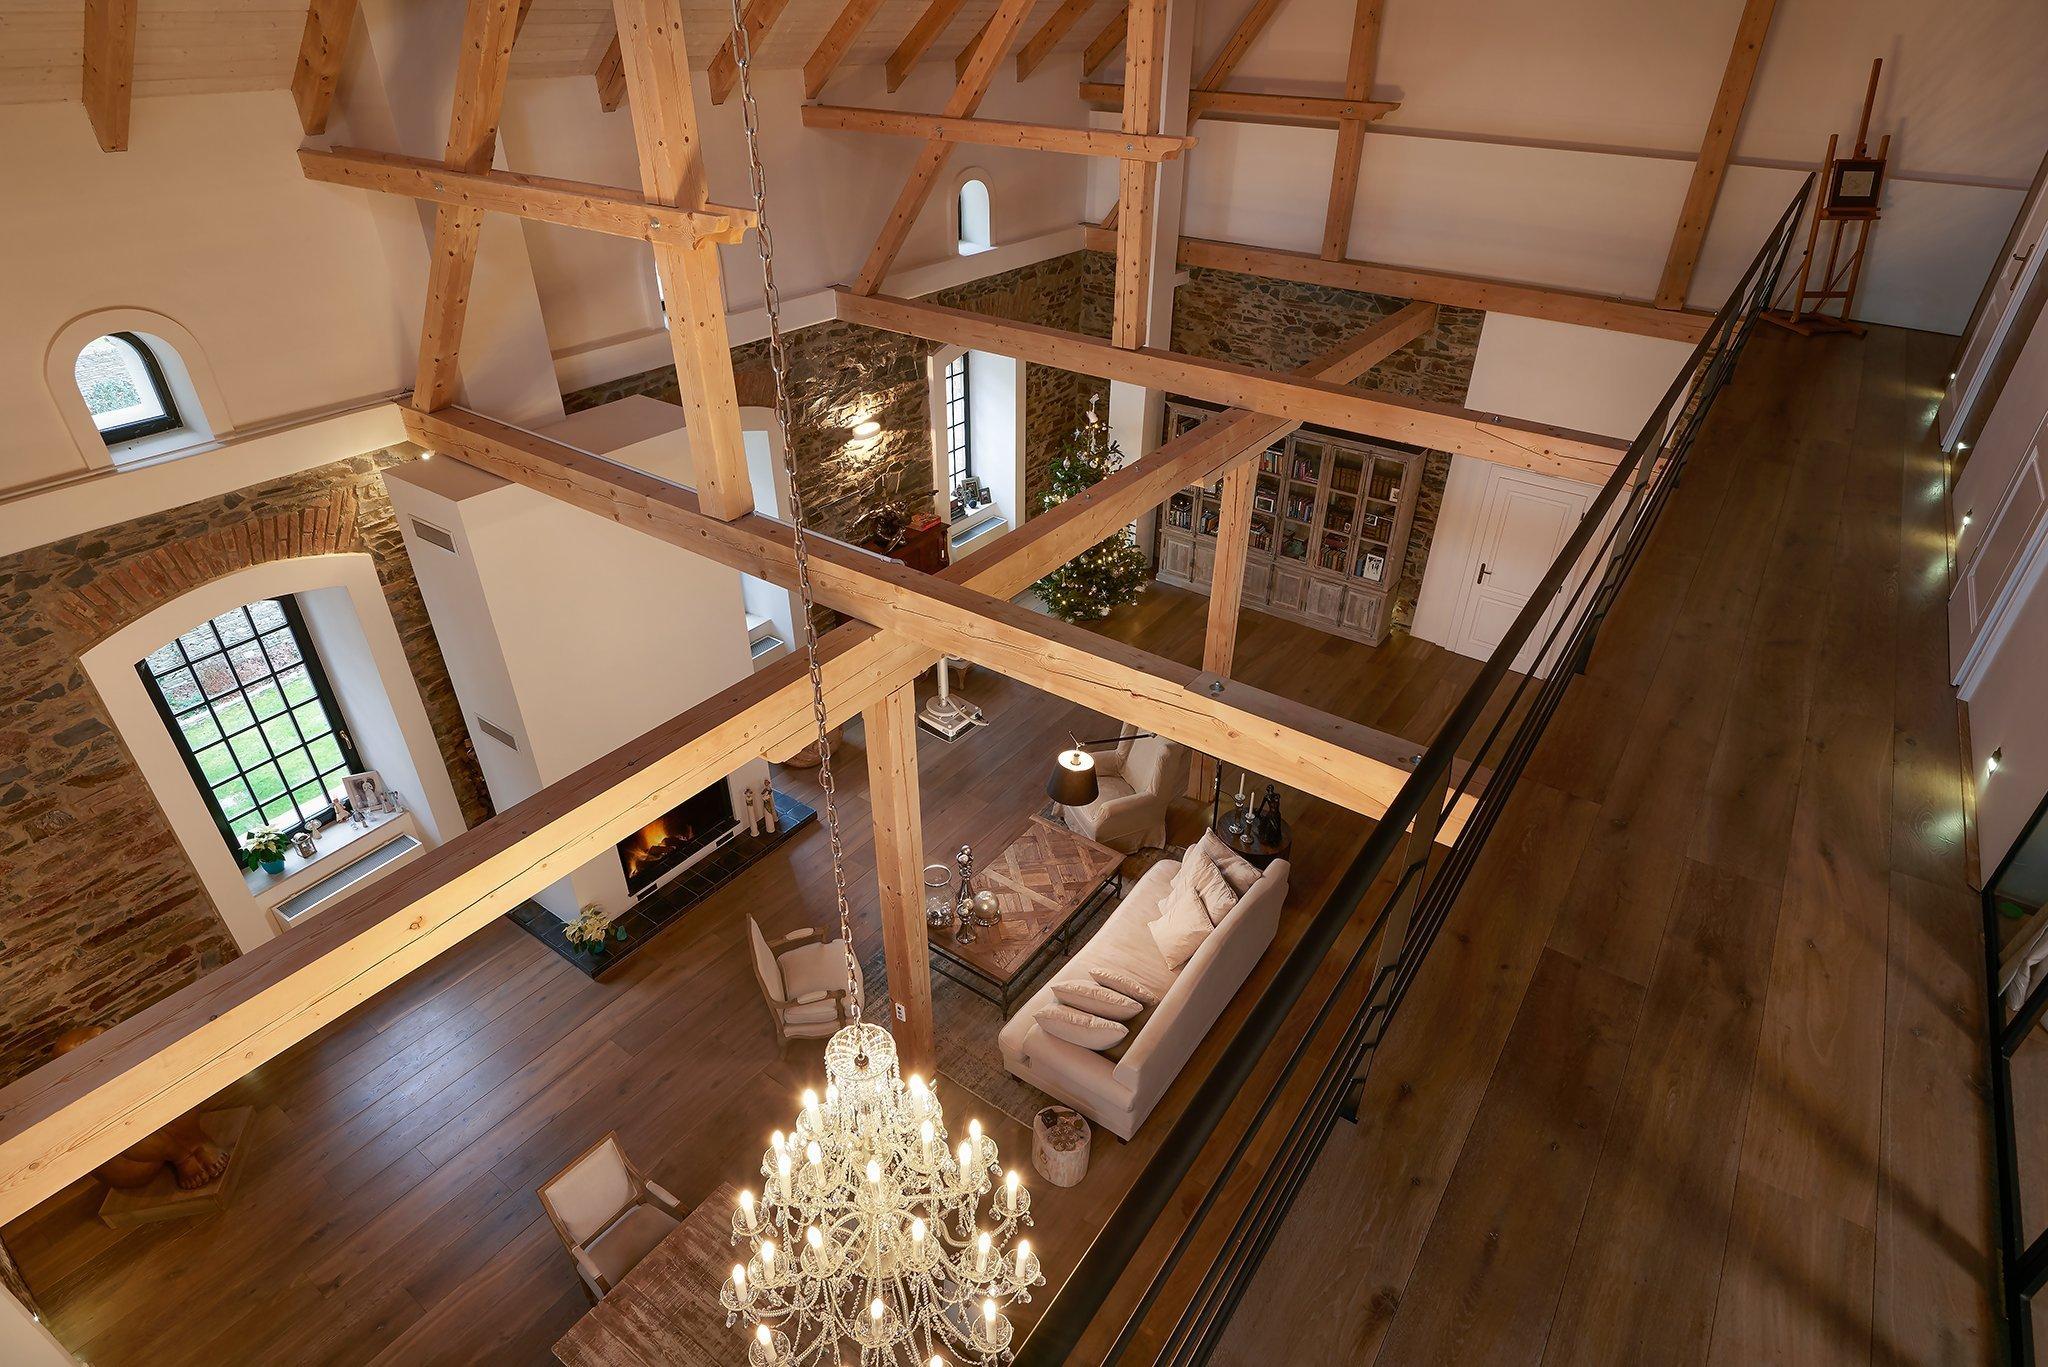 Zrekonstruovali mlýn z 15. století na luxusní bydlení. Splnili si taksen z mládí. Chátrající mlýn v podhradí na tolik majitelůmučaroval že když to…